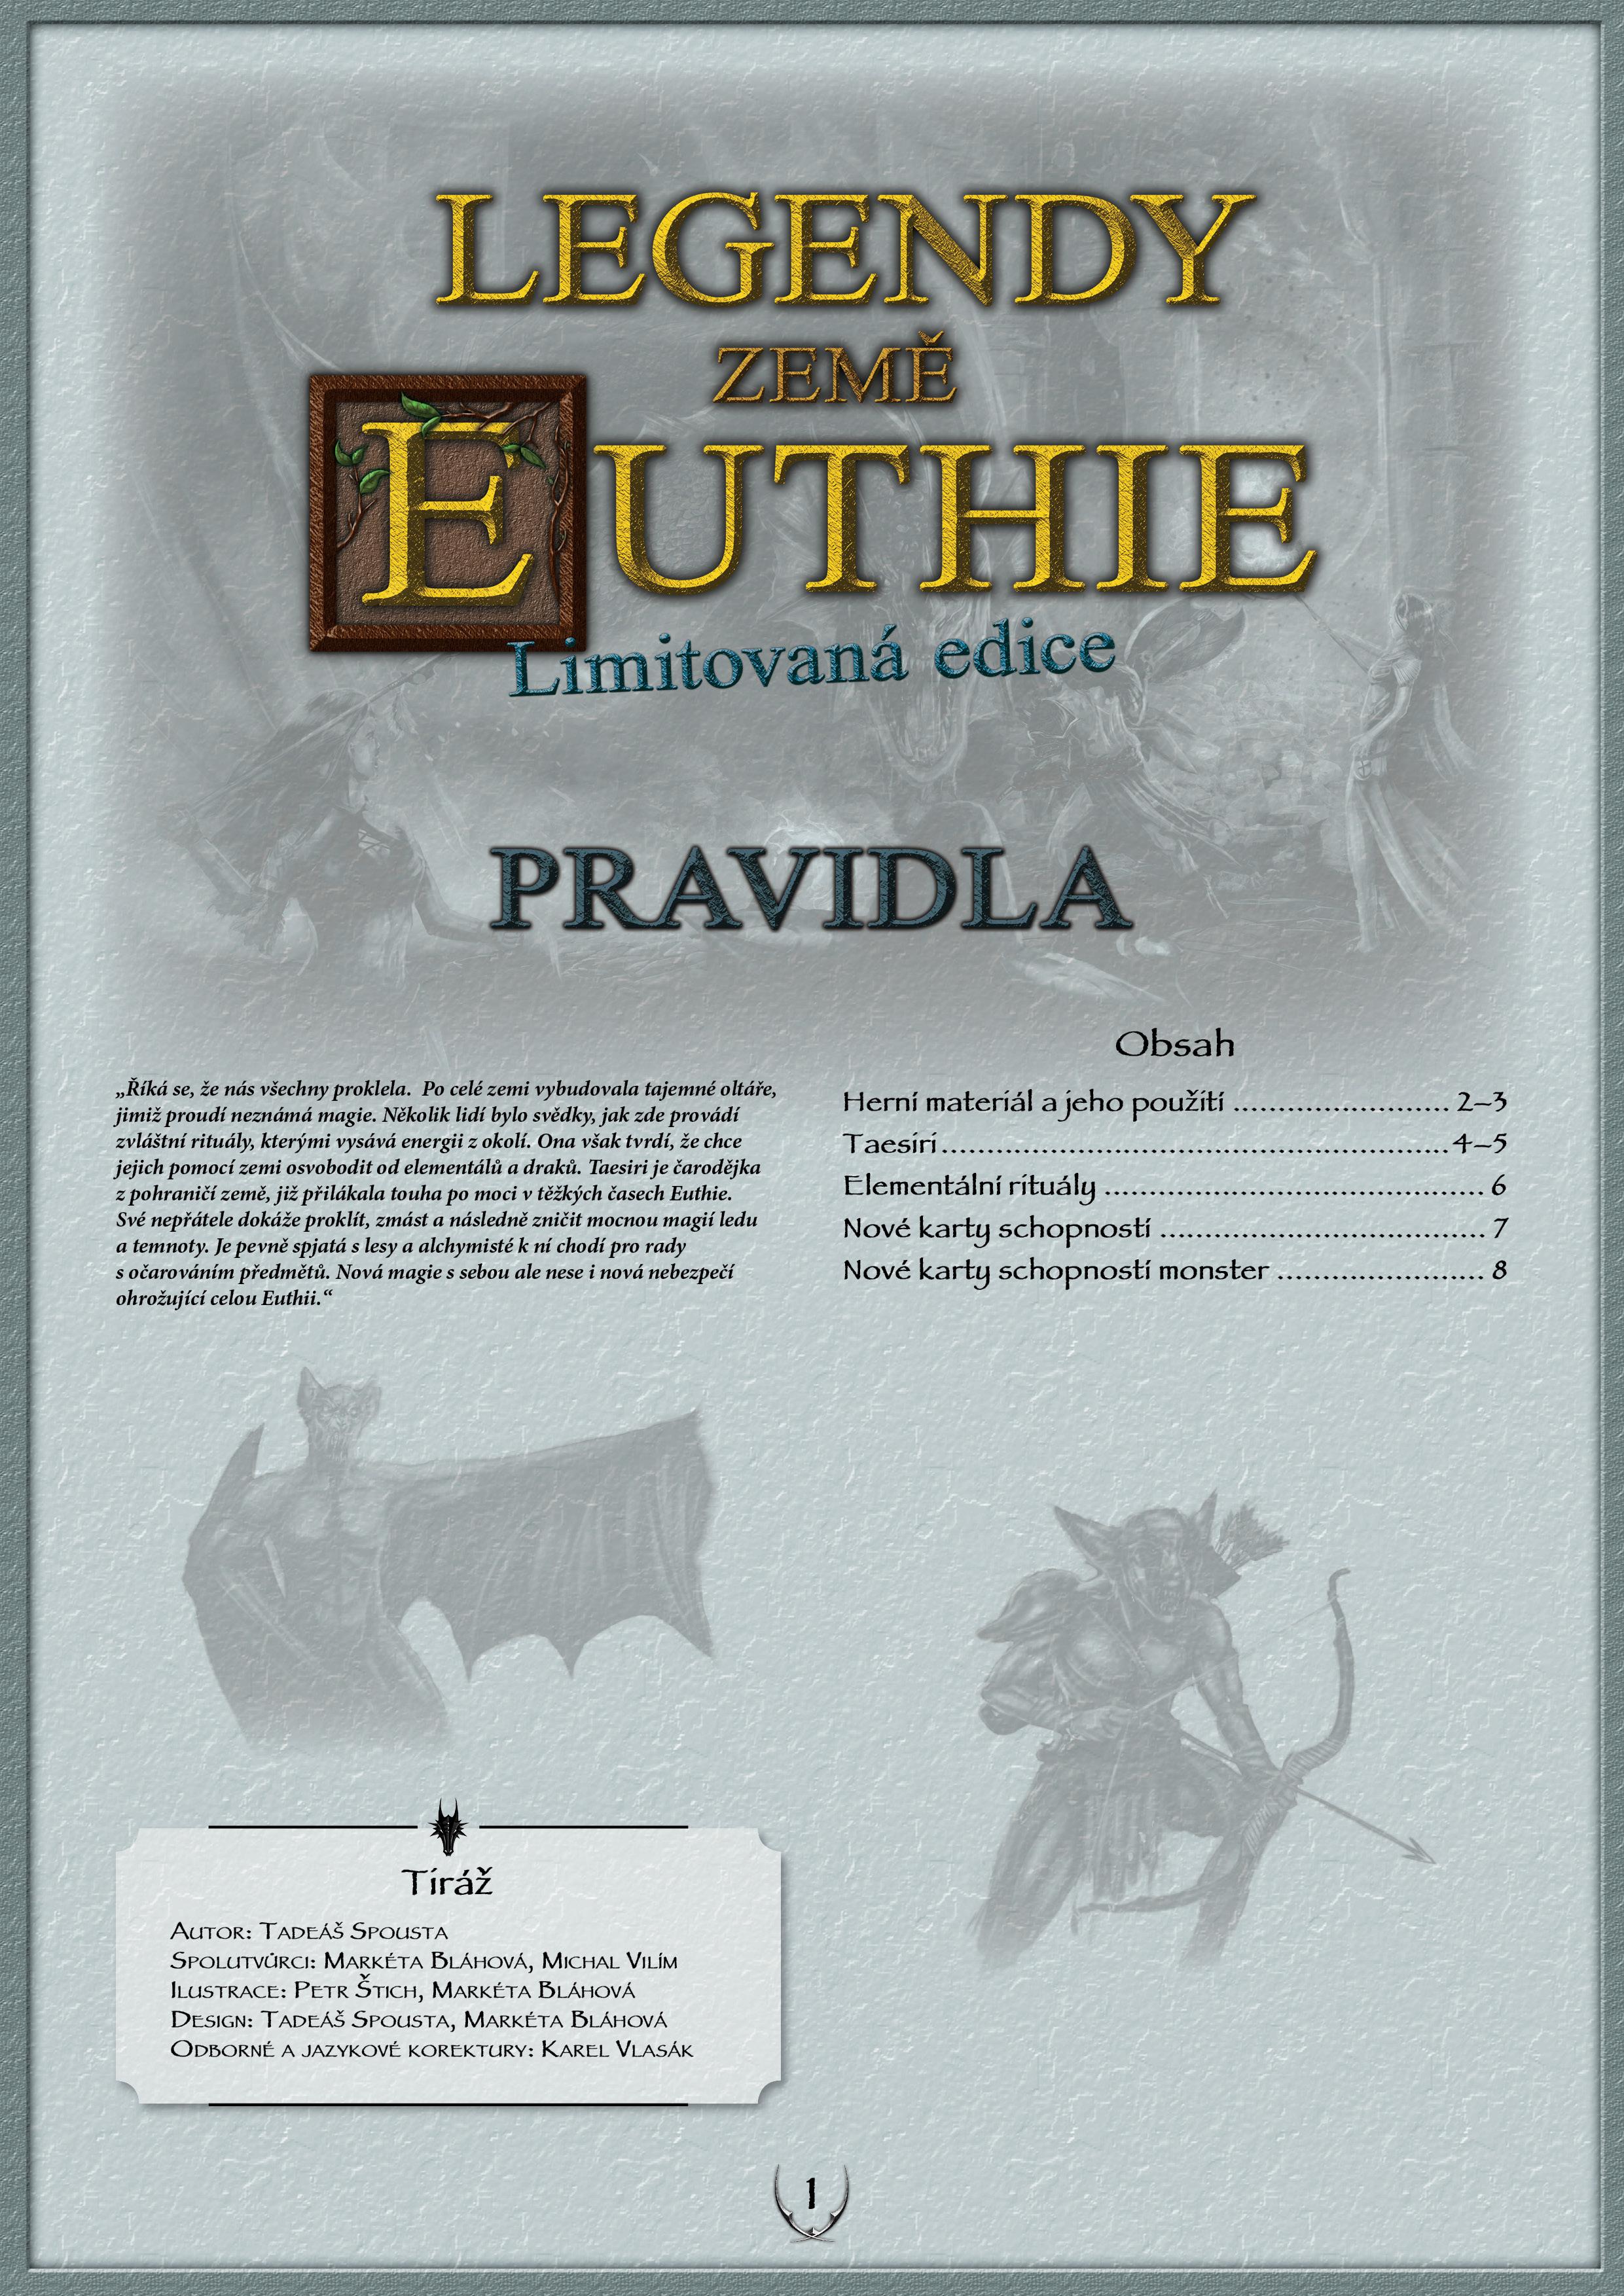 Pravidla limitovaná edice